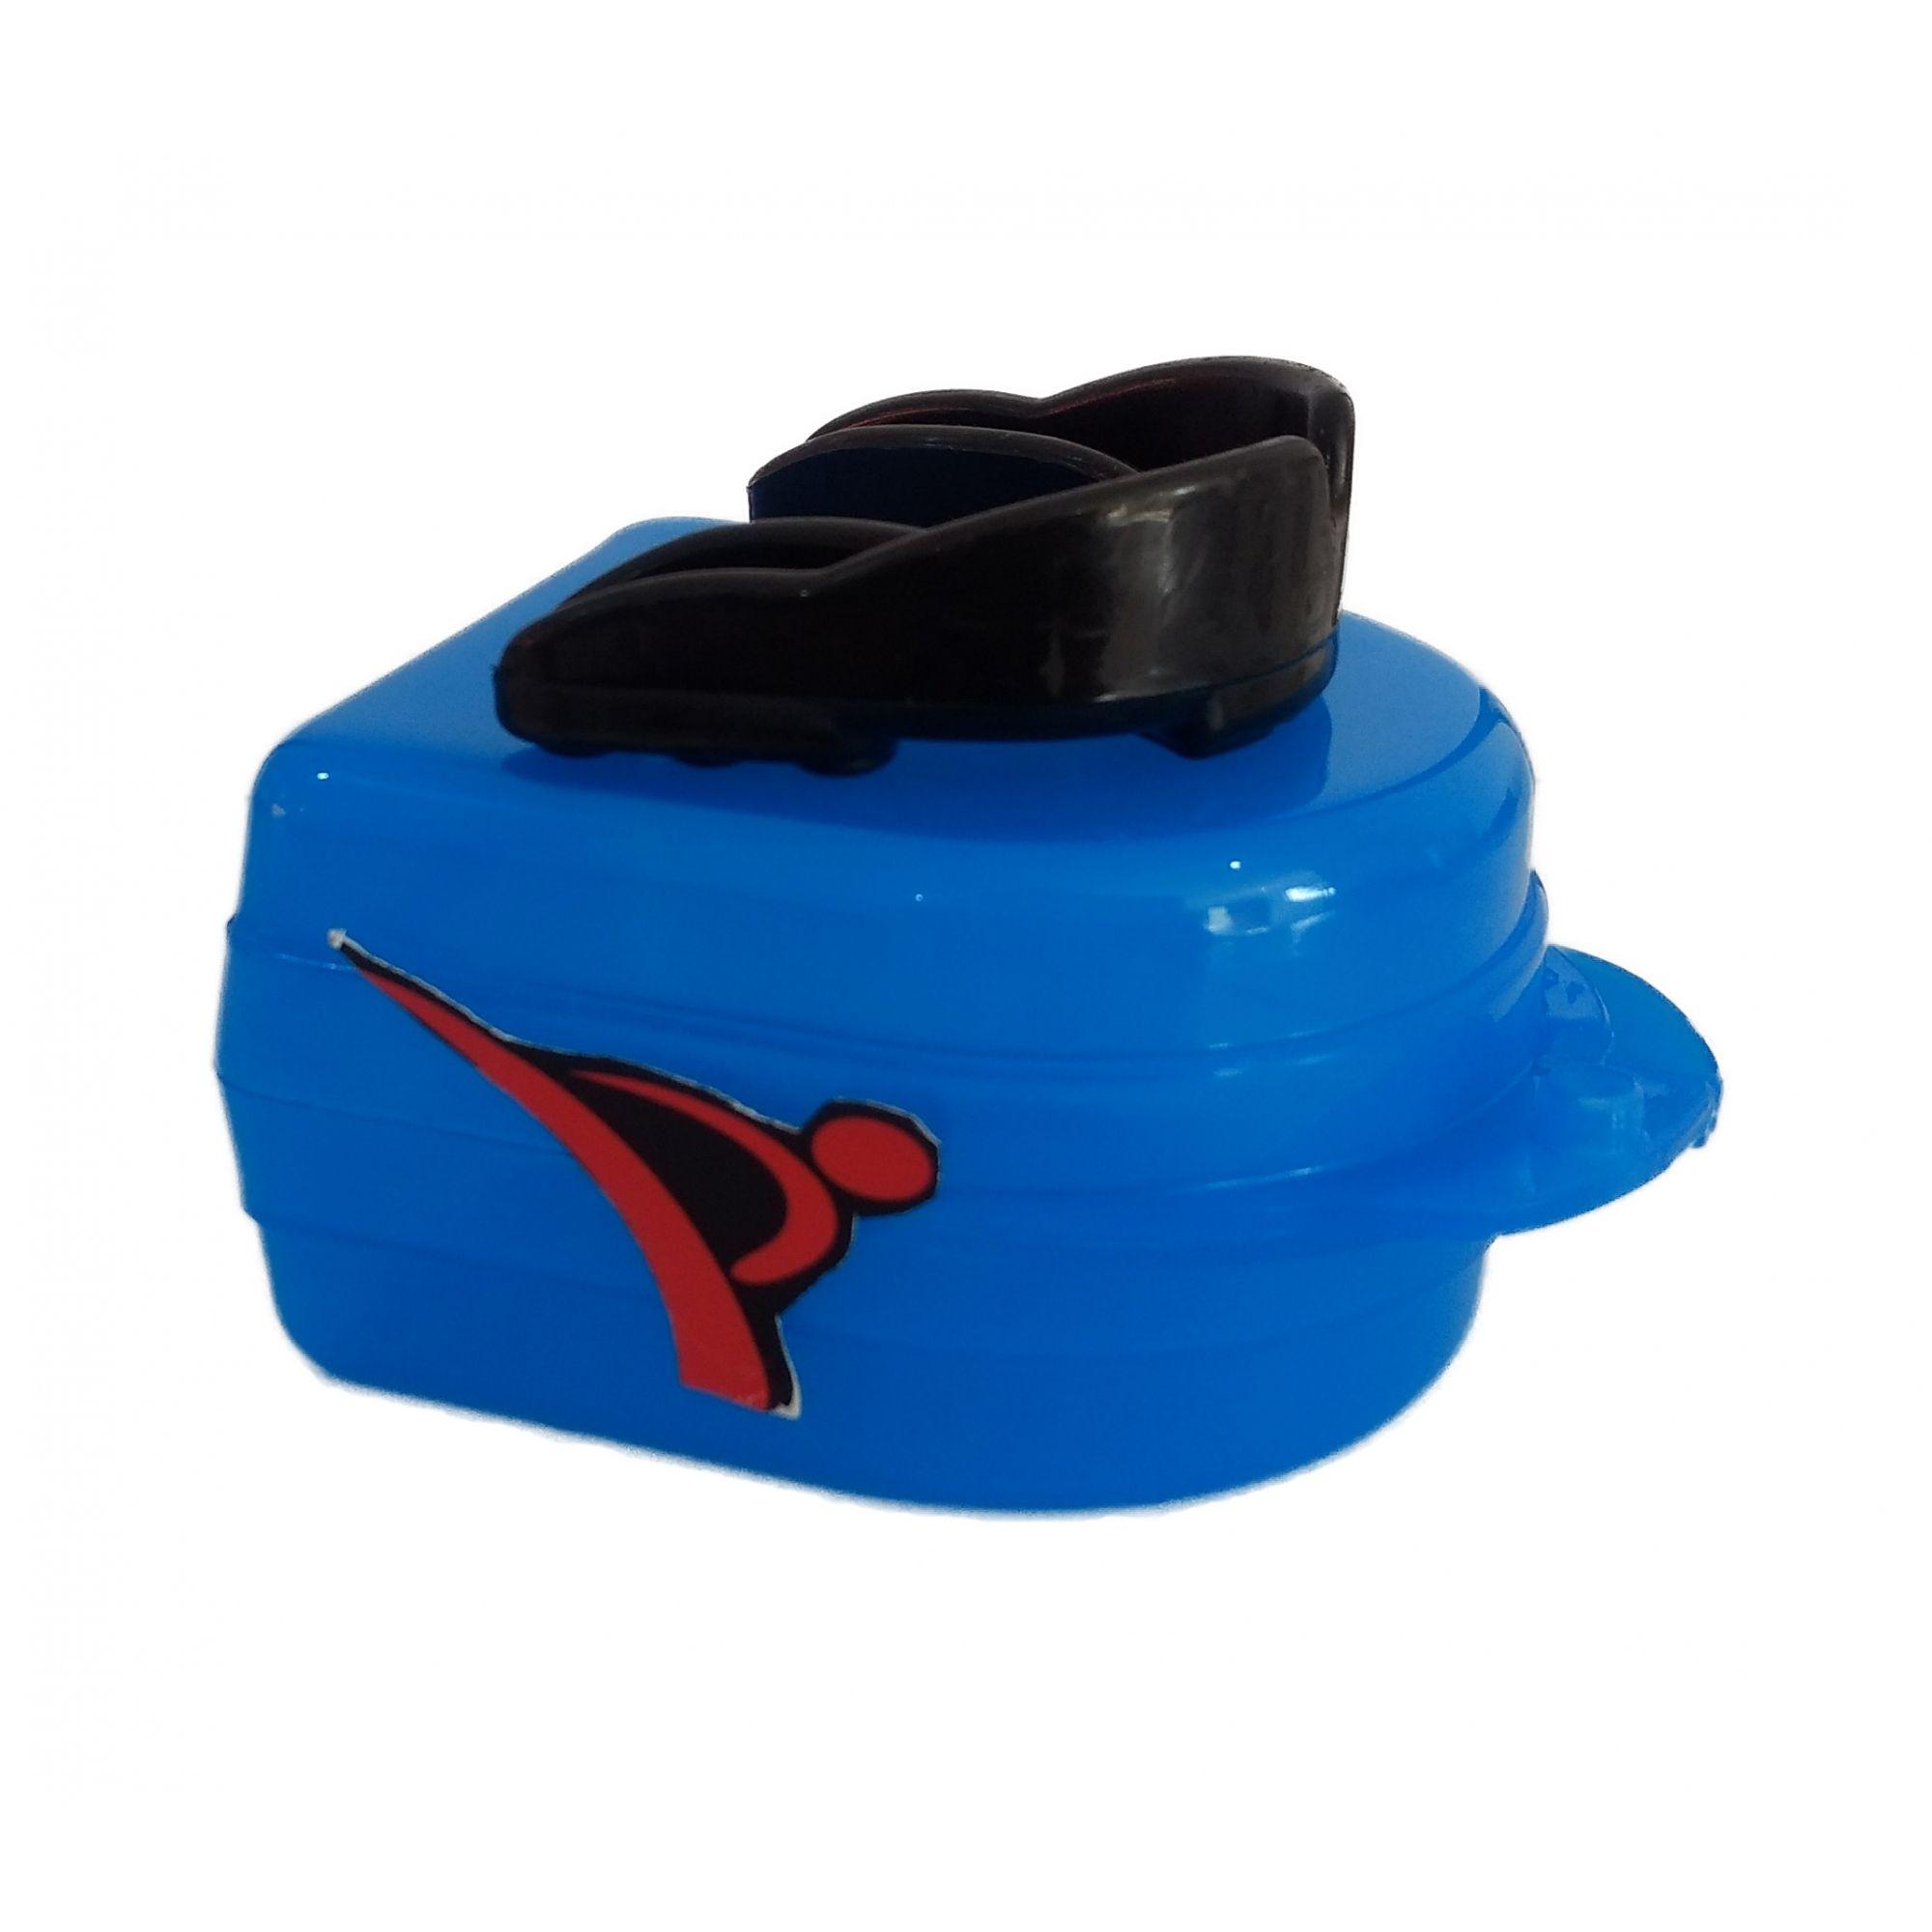 Protetor Bucal Dentes Simples Moldável Água Quente C/ Estojo Preto - Vollo  - PRALUTA SHOP